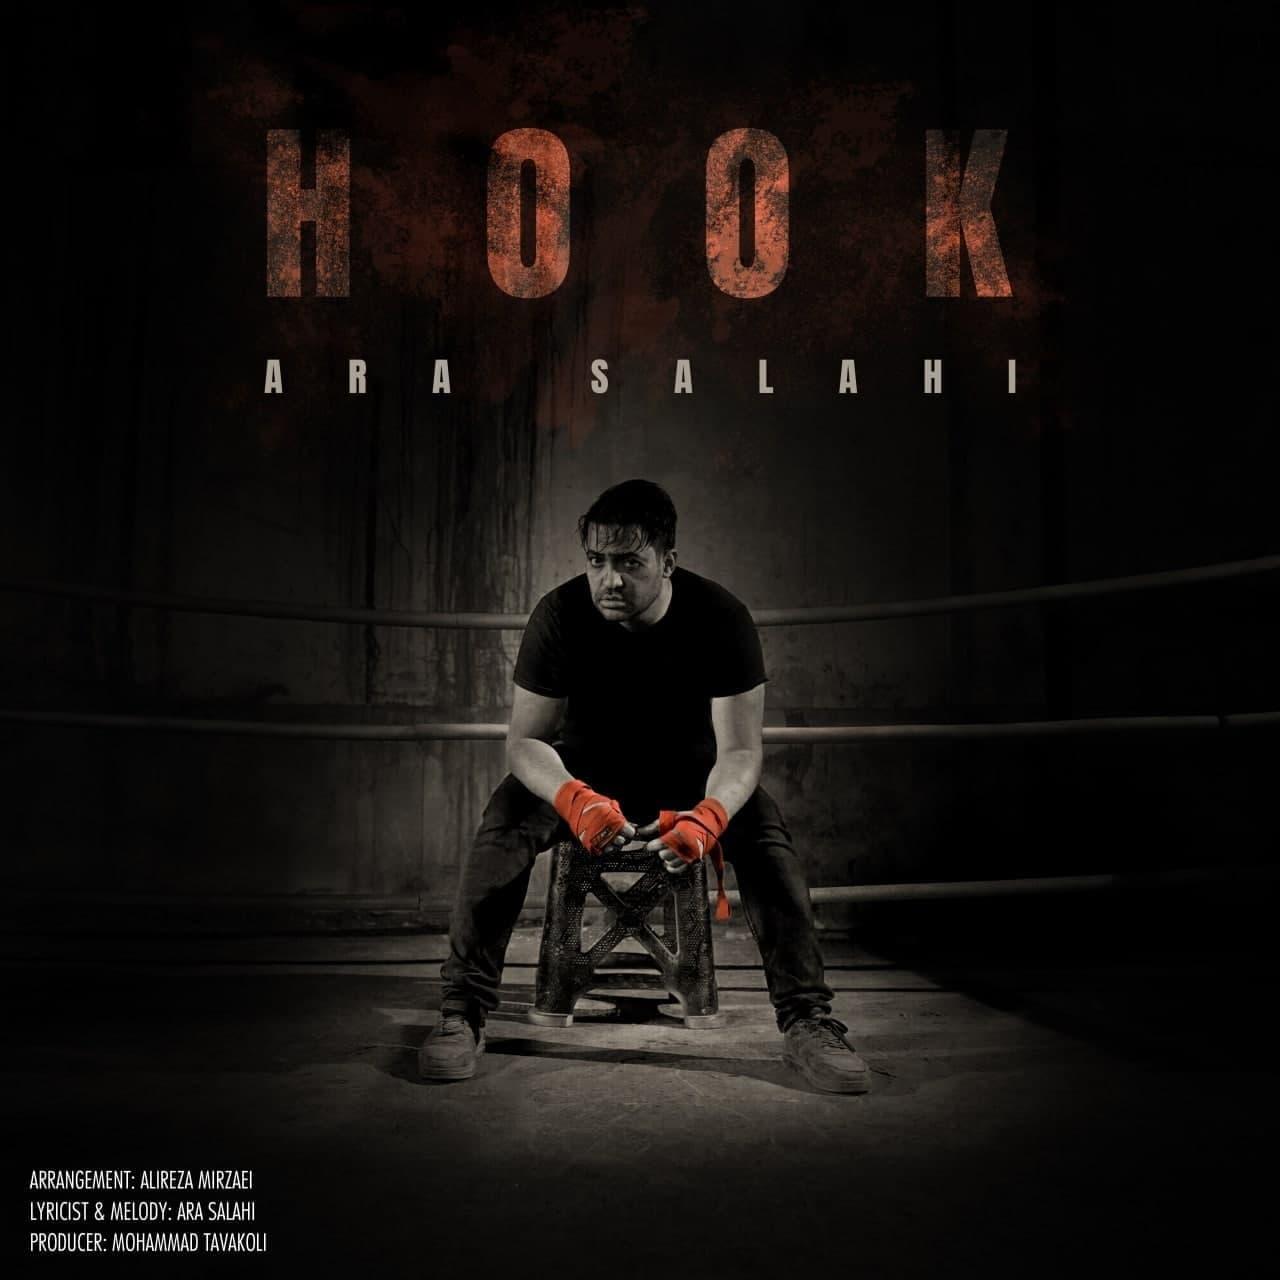 دانلود آهنگ جدید آرا صلاحی بنام هوک